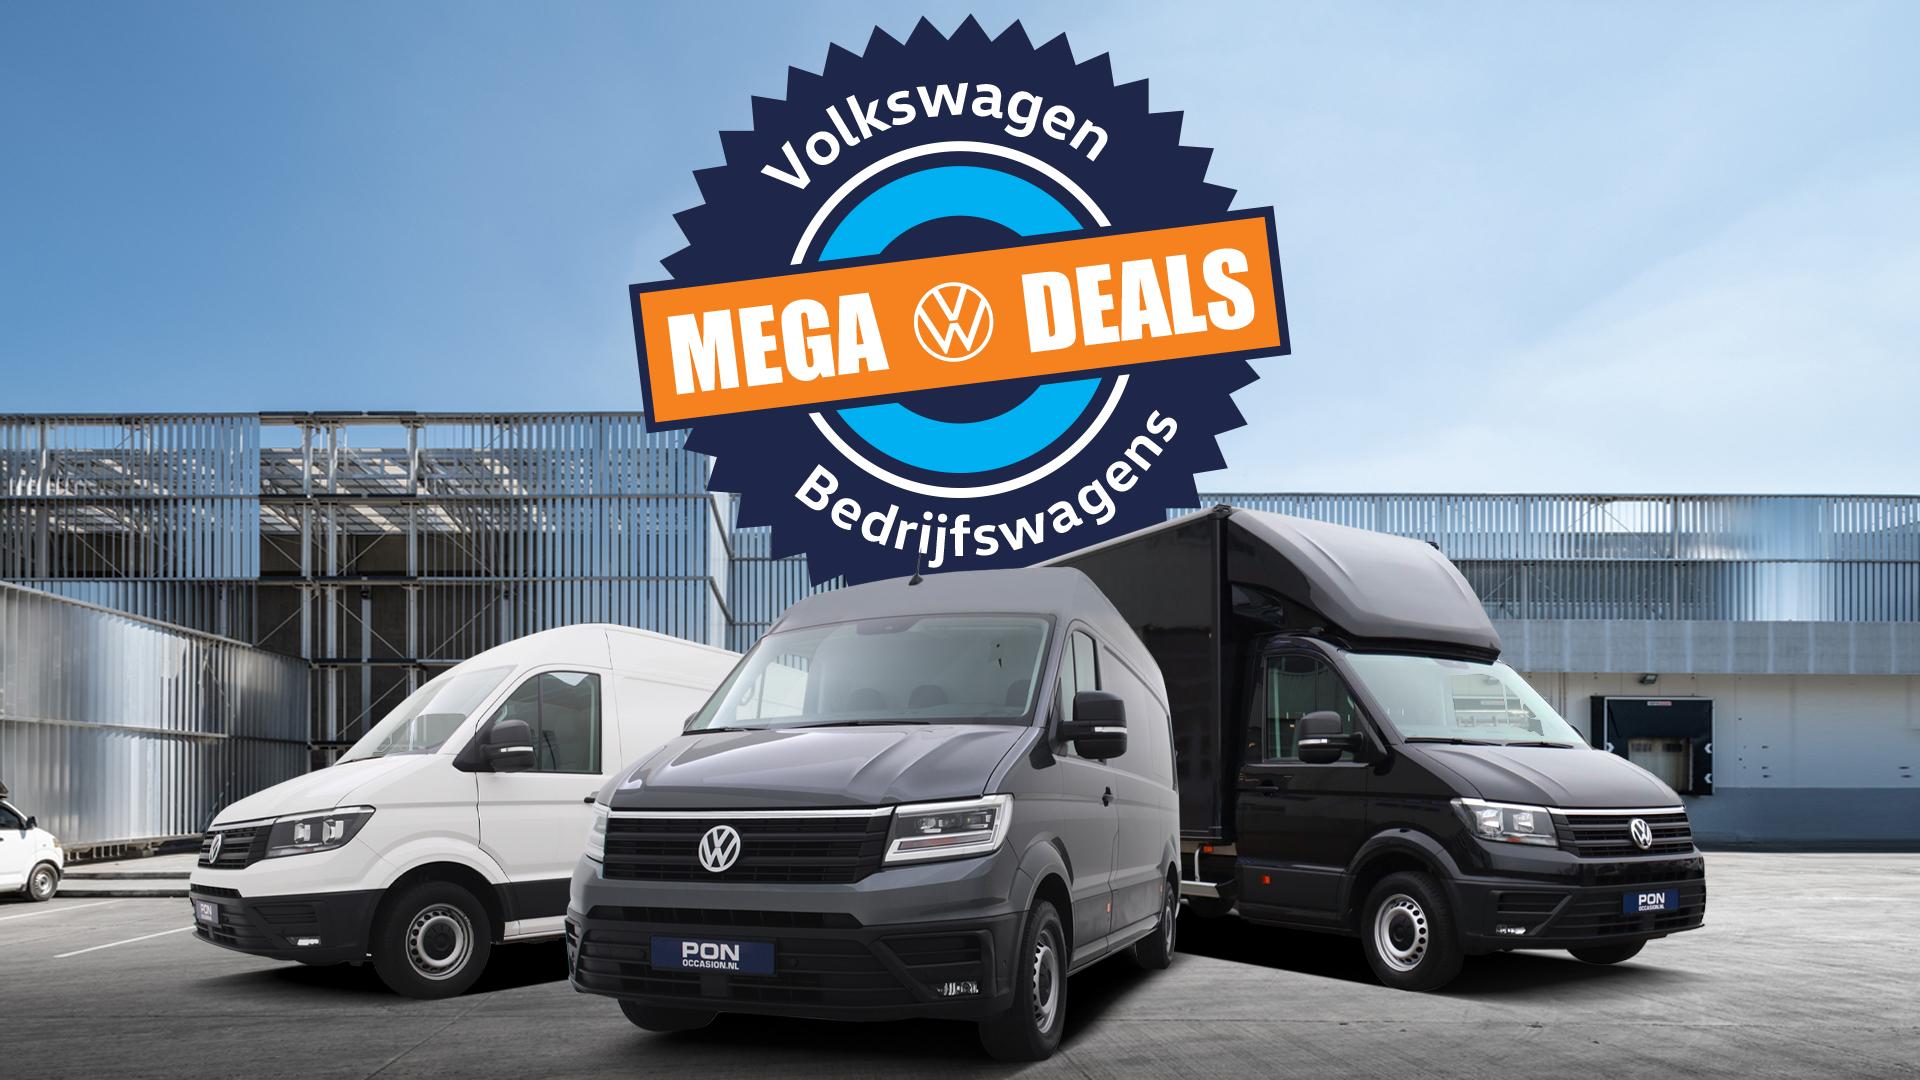 Volkswagen_Crafter_Mega_Deals_bij_Pon_Occasion.jpg